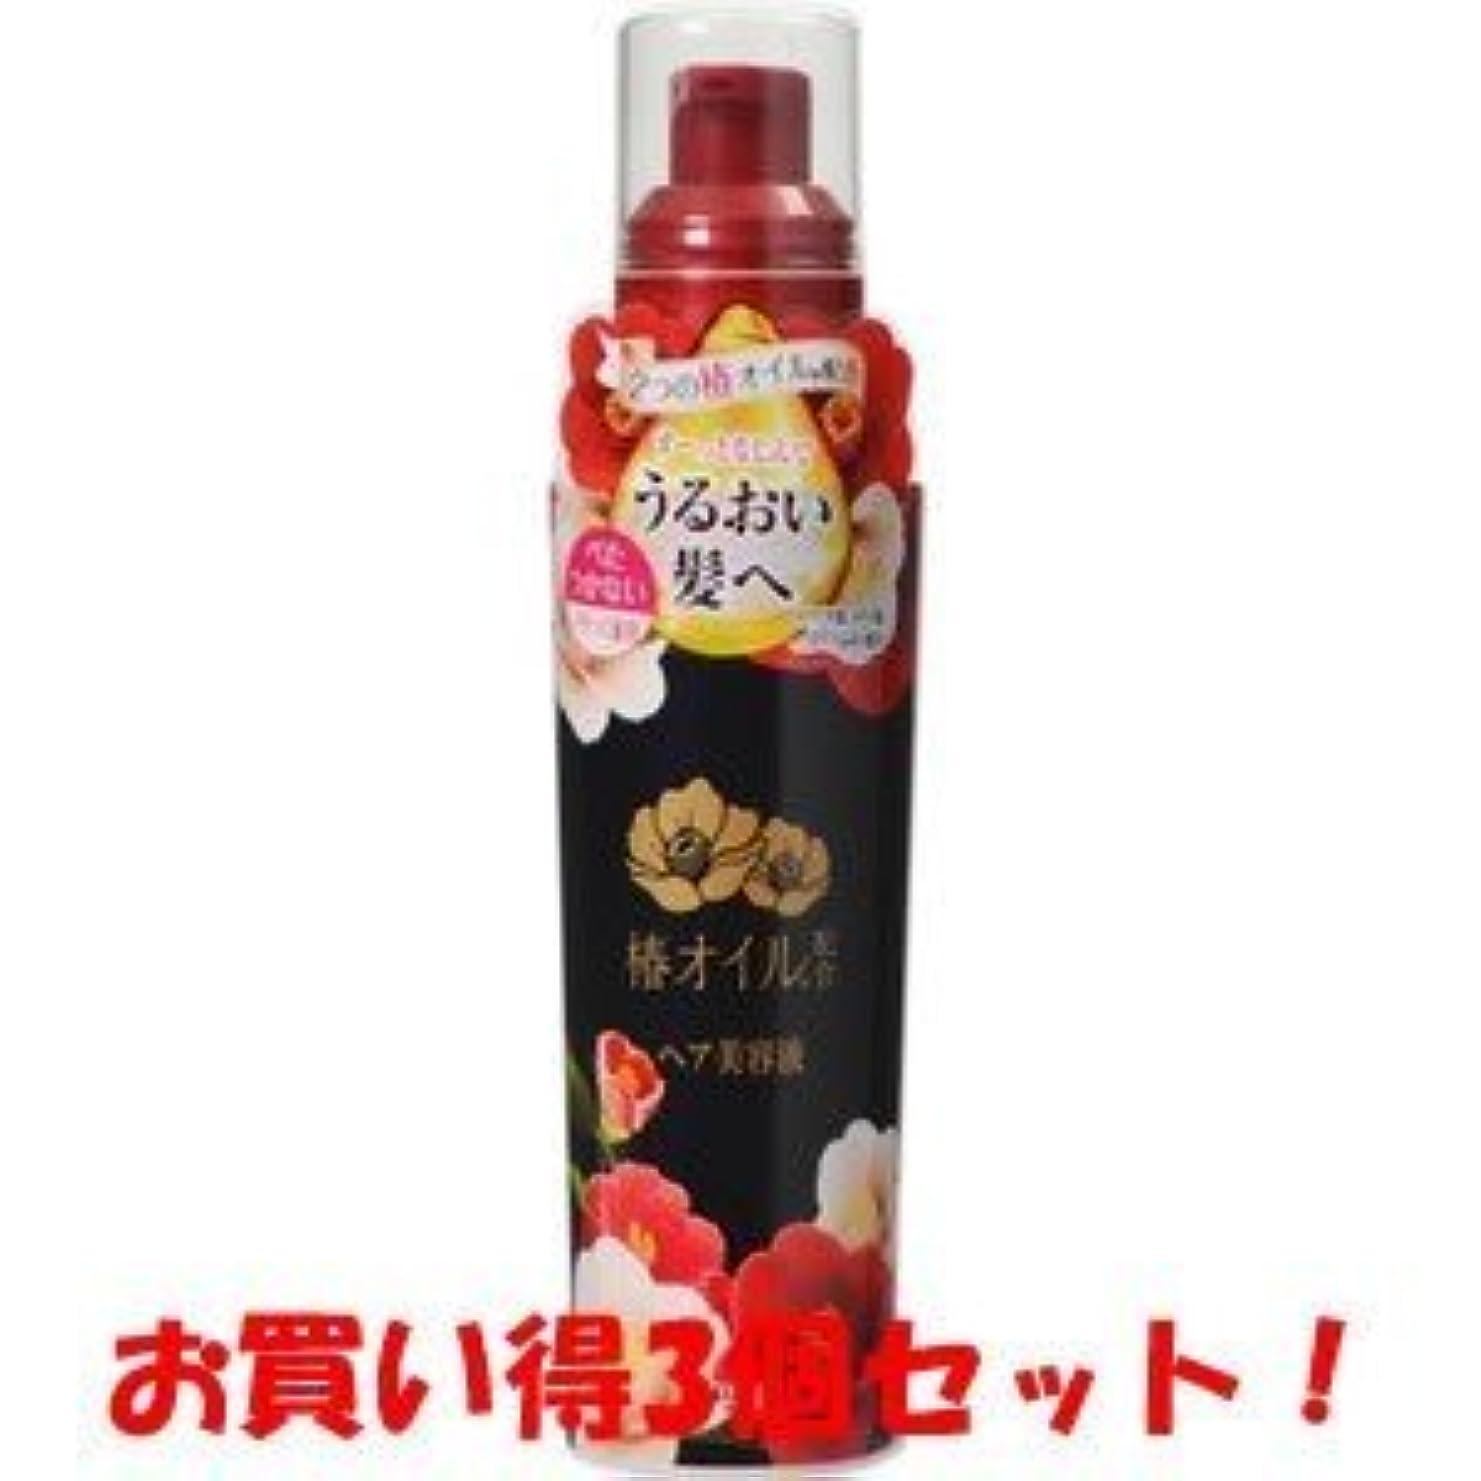 豆腐民兵しっかり【ダリヤ】椿オイル配合 ヘア美容液 100ml(お買い得3個セット)